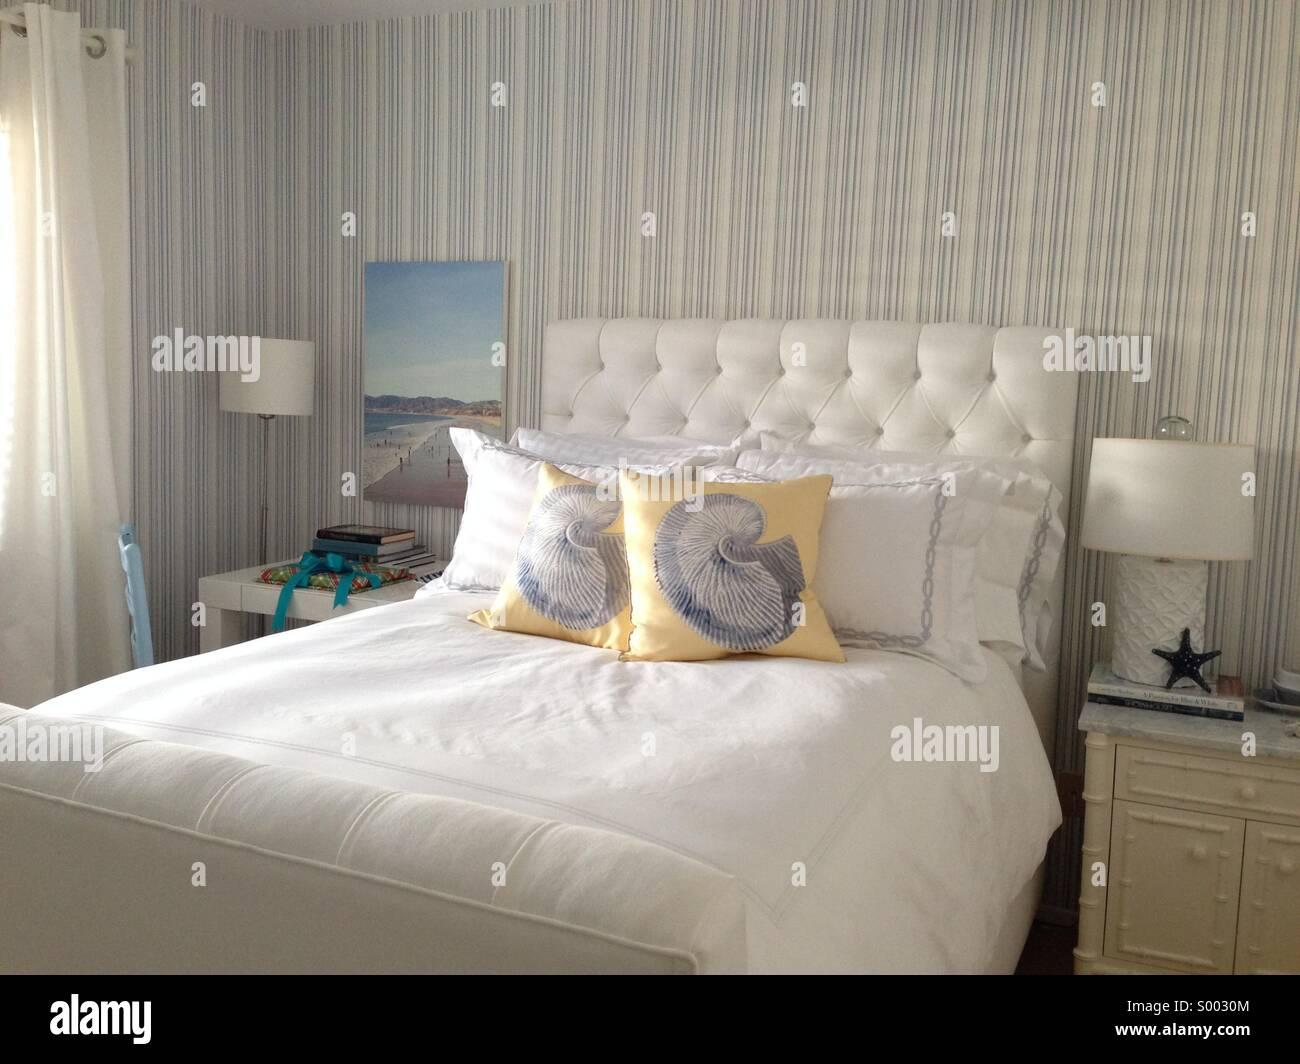 Chambre Bleu et blanc Photo Stock